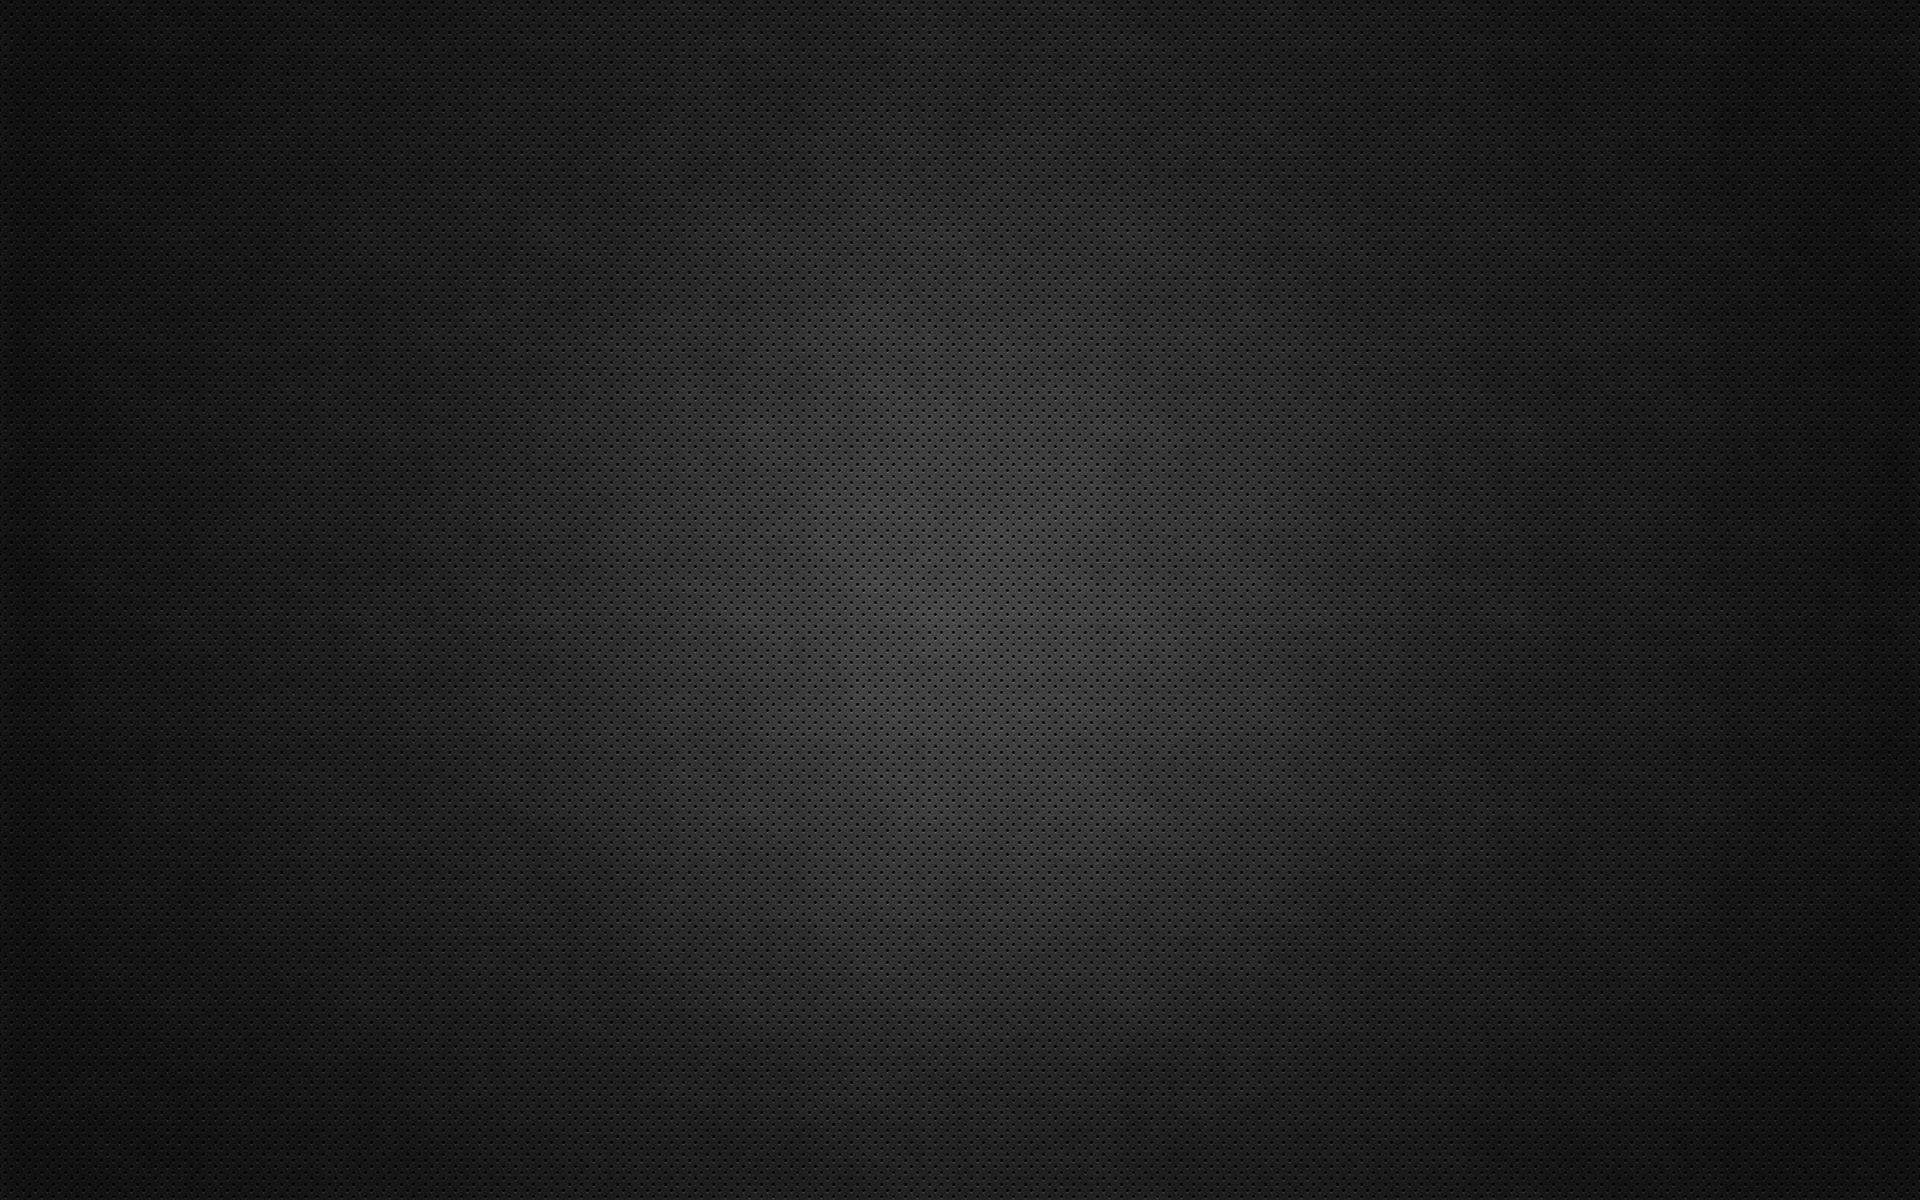 1920x1080 Dark Wood Texture Wallpapers HD Desktop 1920A 1080 Wooden Wallpaper